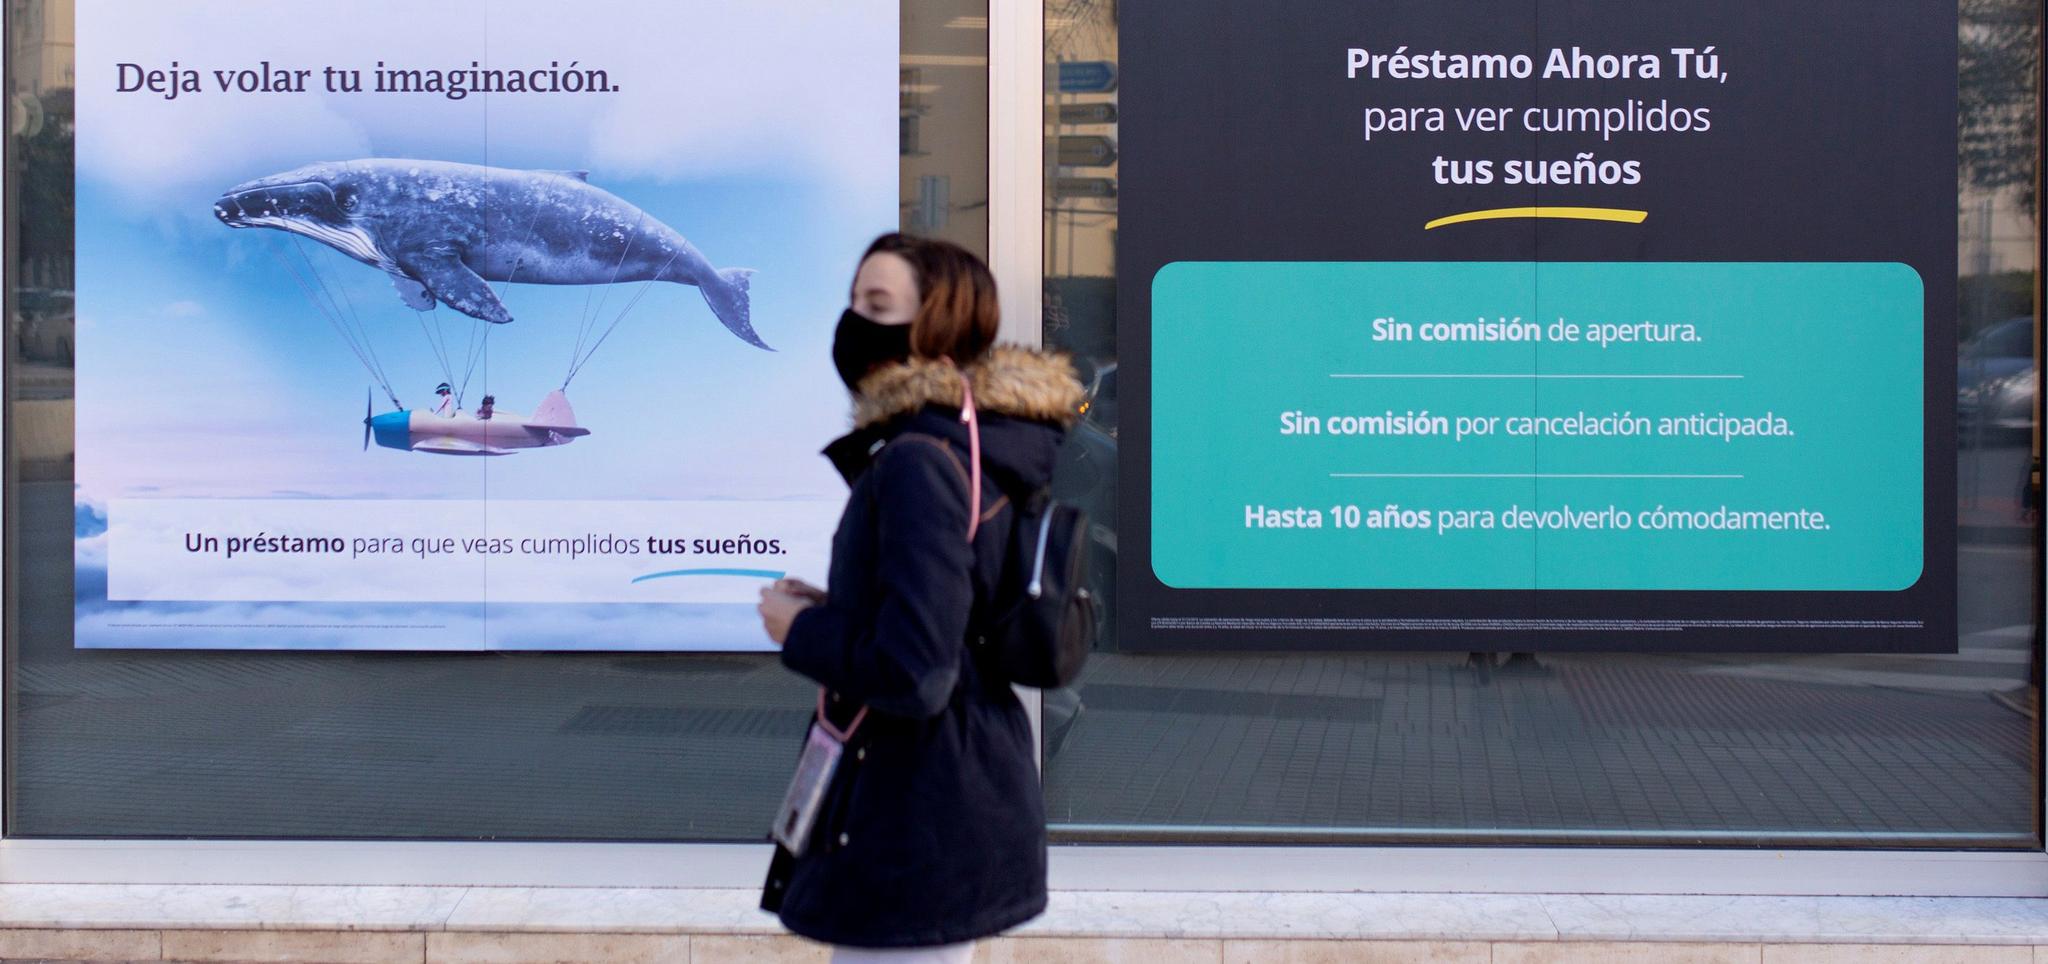 Una mujer pasea frente a los anuncios de una sucursal bancaria en Málaga.